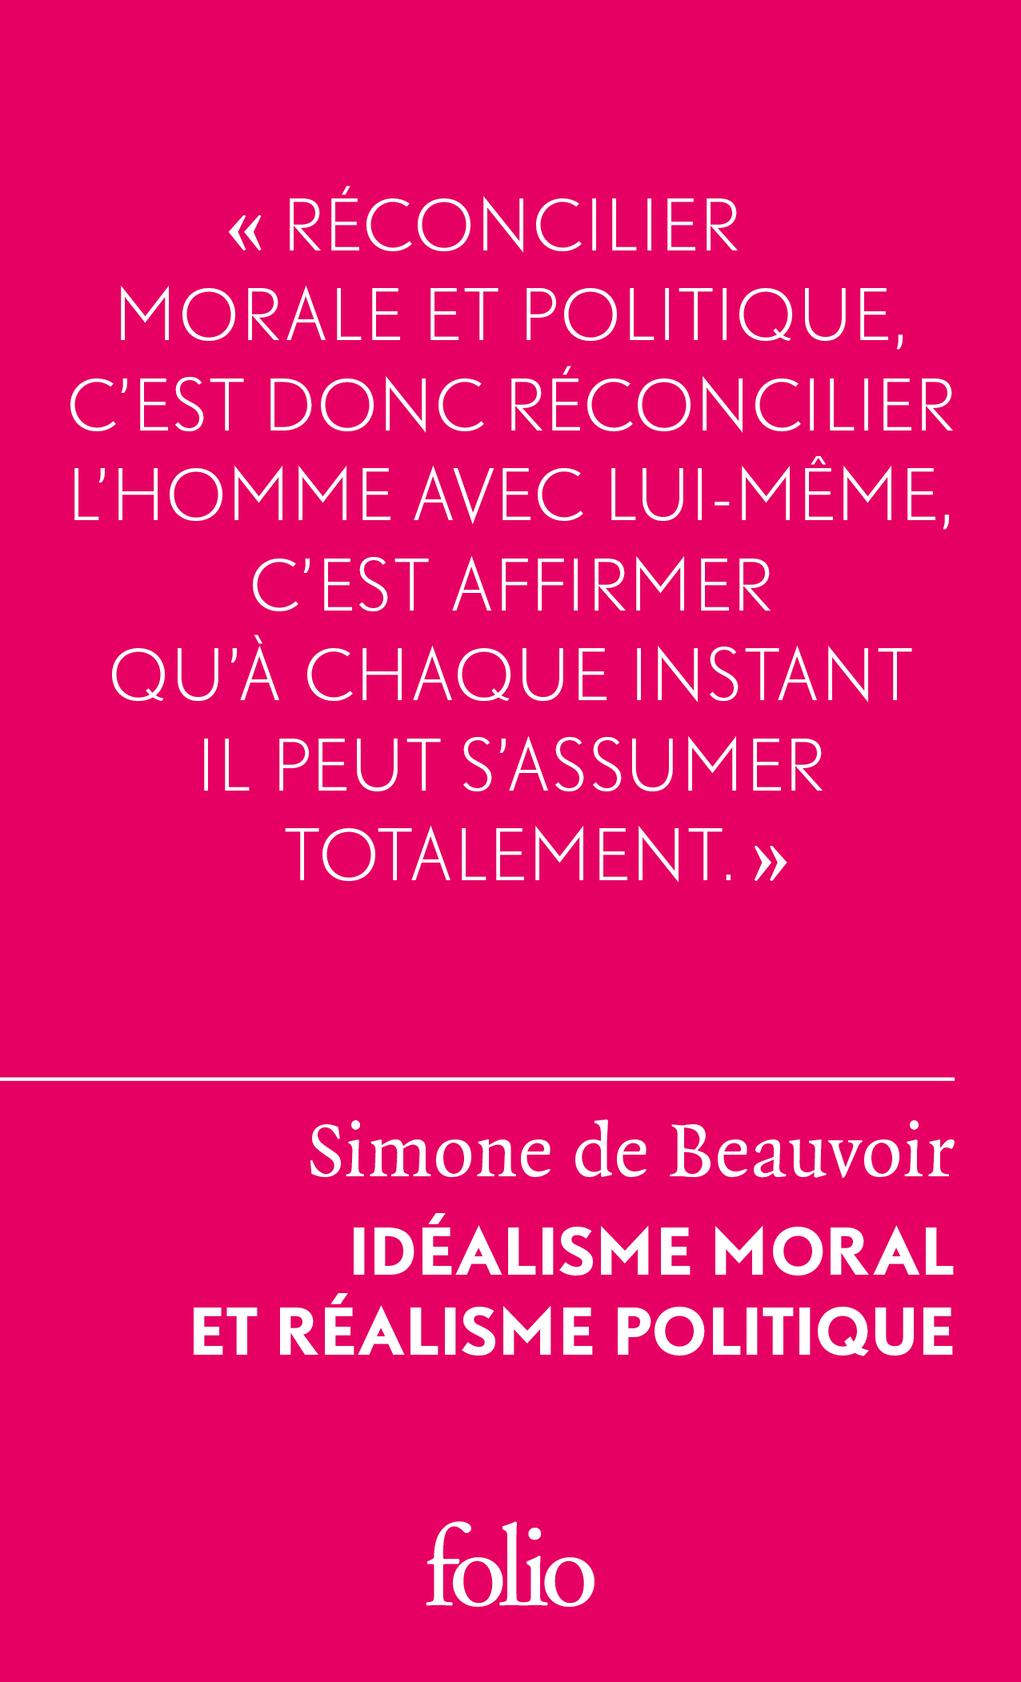 IDEALISME MORAL ET REALISME POLITIQUE